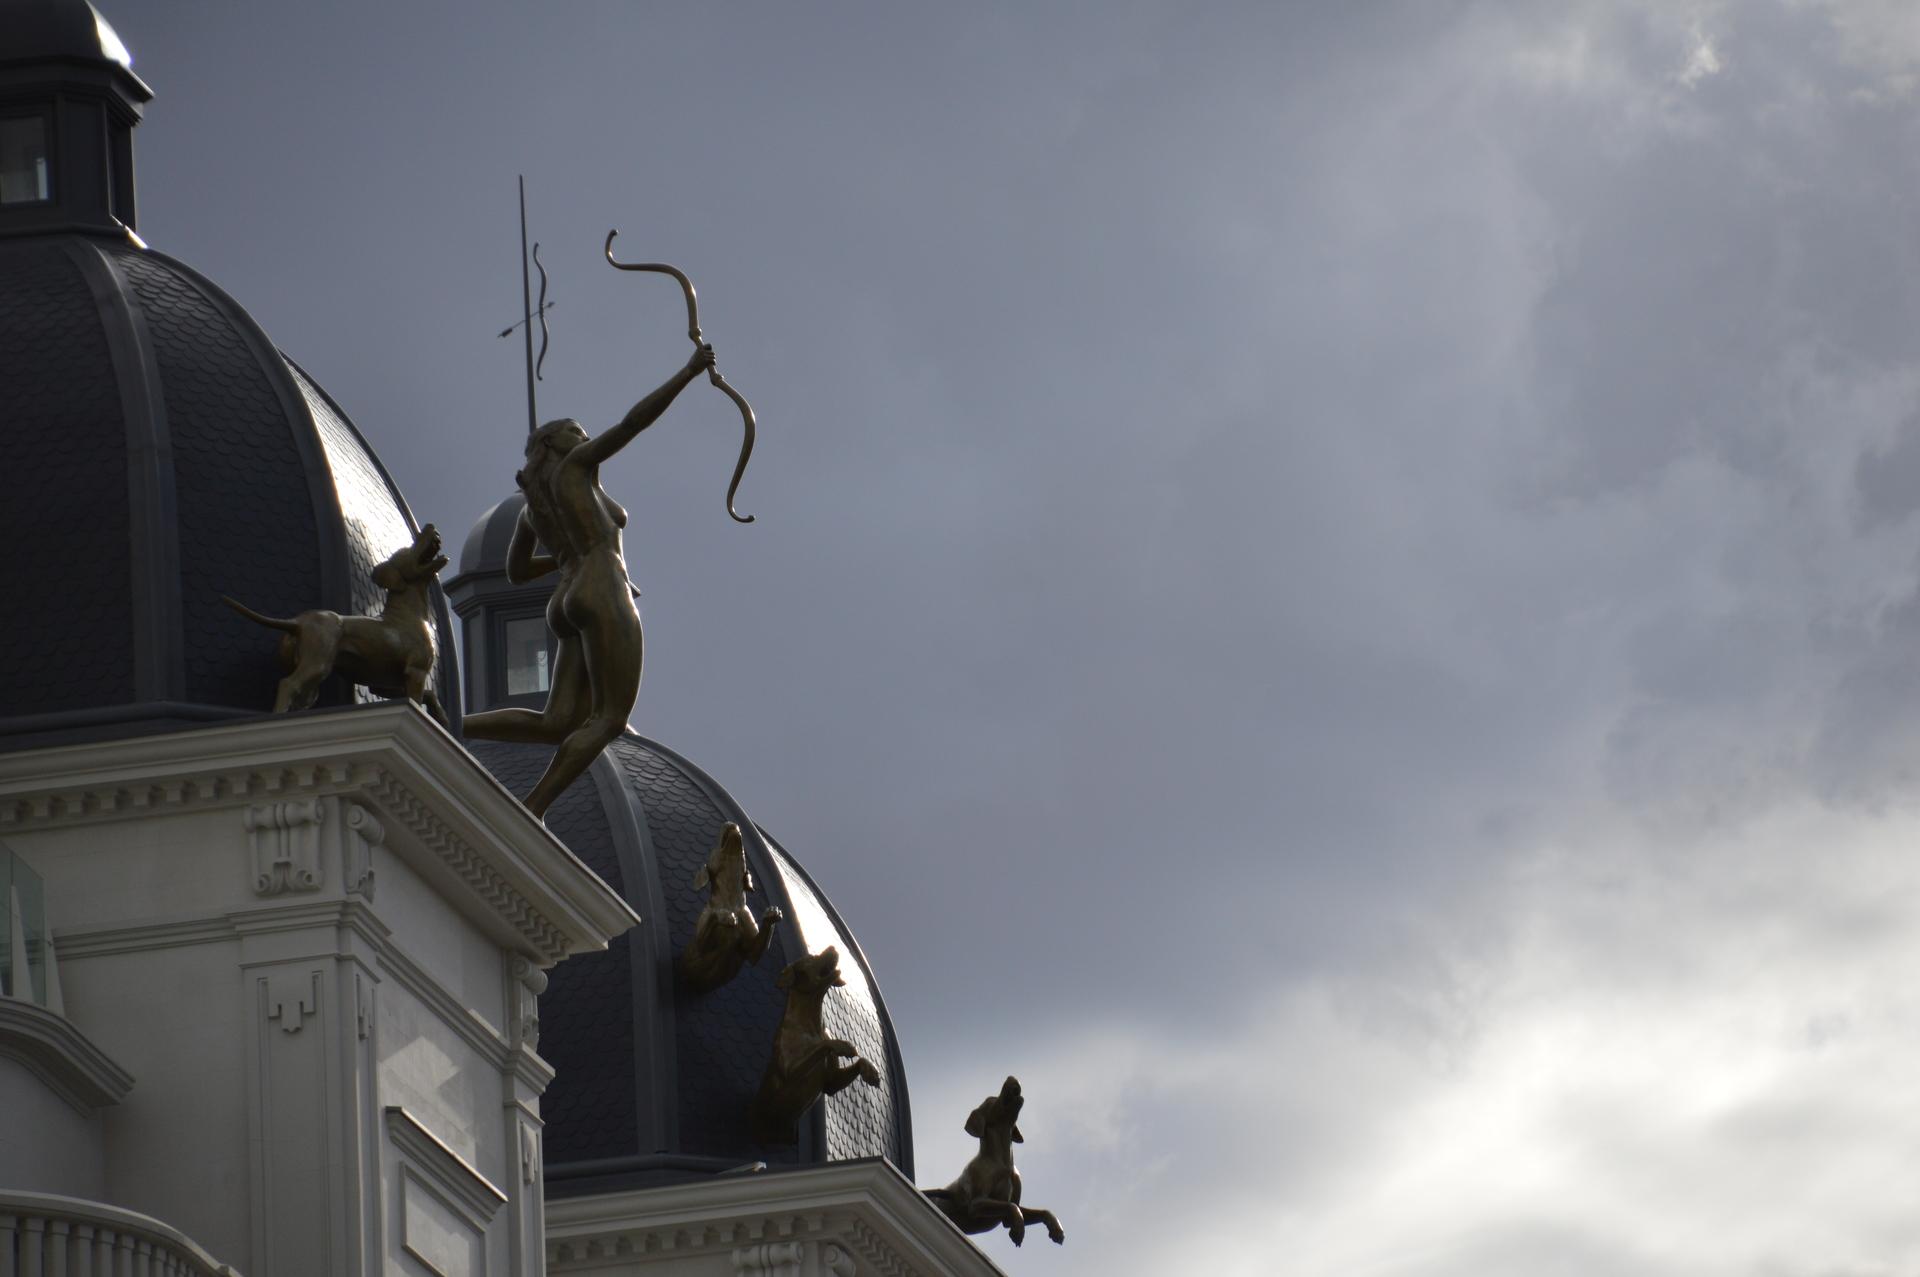 Tejado de la gran vía, Madrid. España-Roof of Gran Via, Madrid. Spain